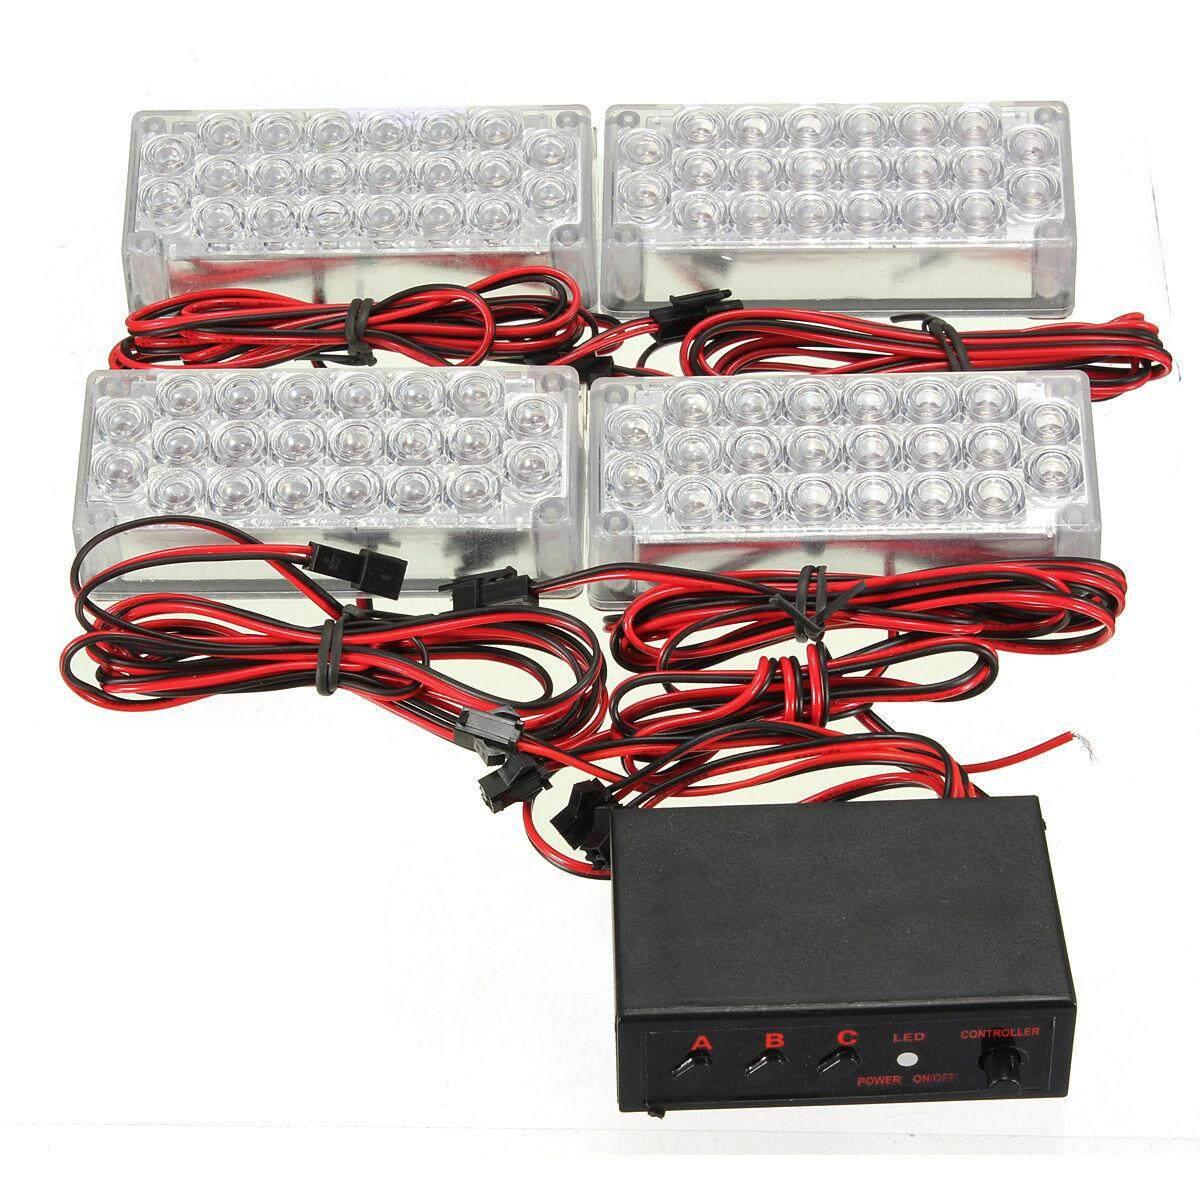 4X22 LED Kedip Darurat Lampu Peringatan Grill Lampu Strobo 12 V Putih-Intl